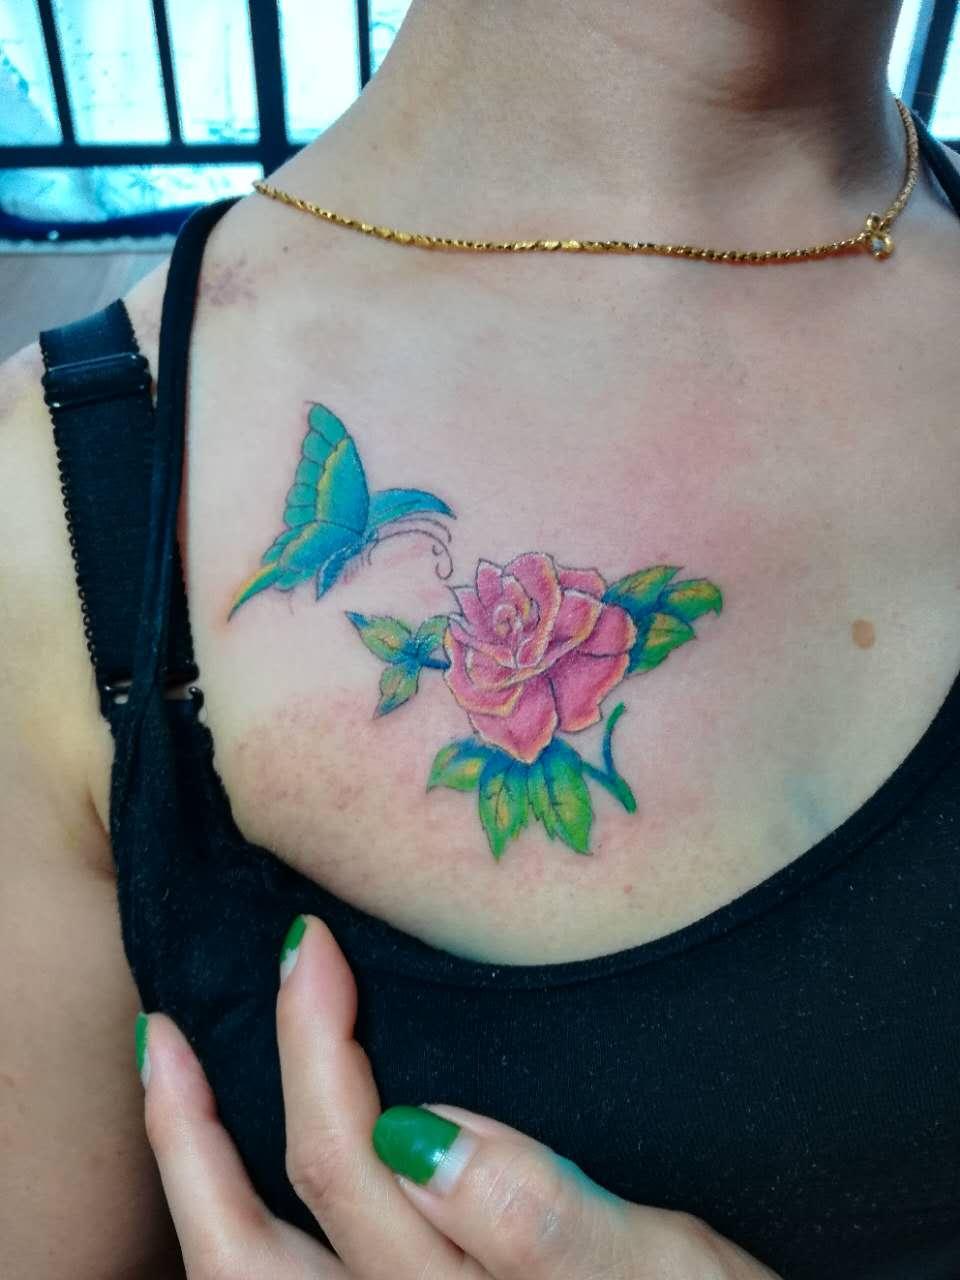 鄭州天龍紋身講述牛皮癬患者可以紋身嗎?|洗紋身-鄭州天龍紋身工作室